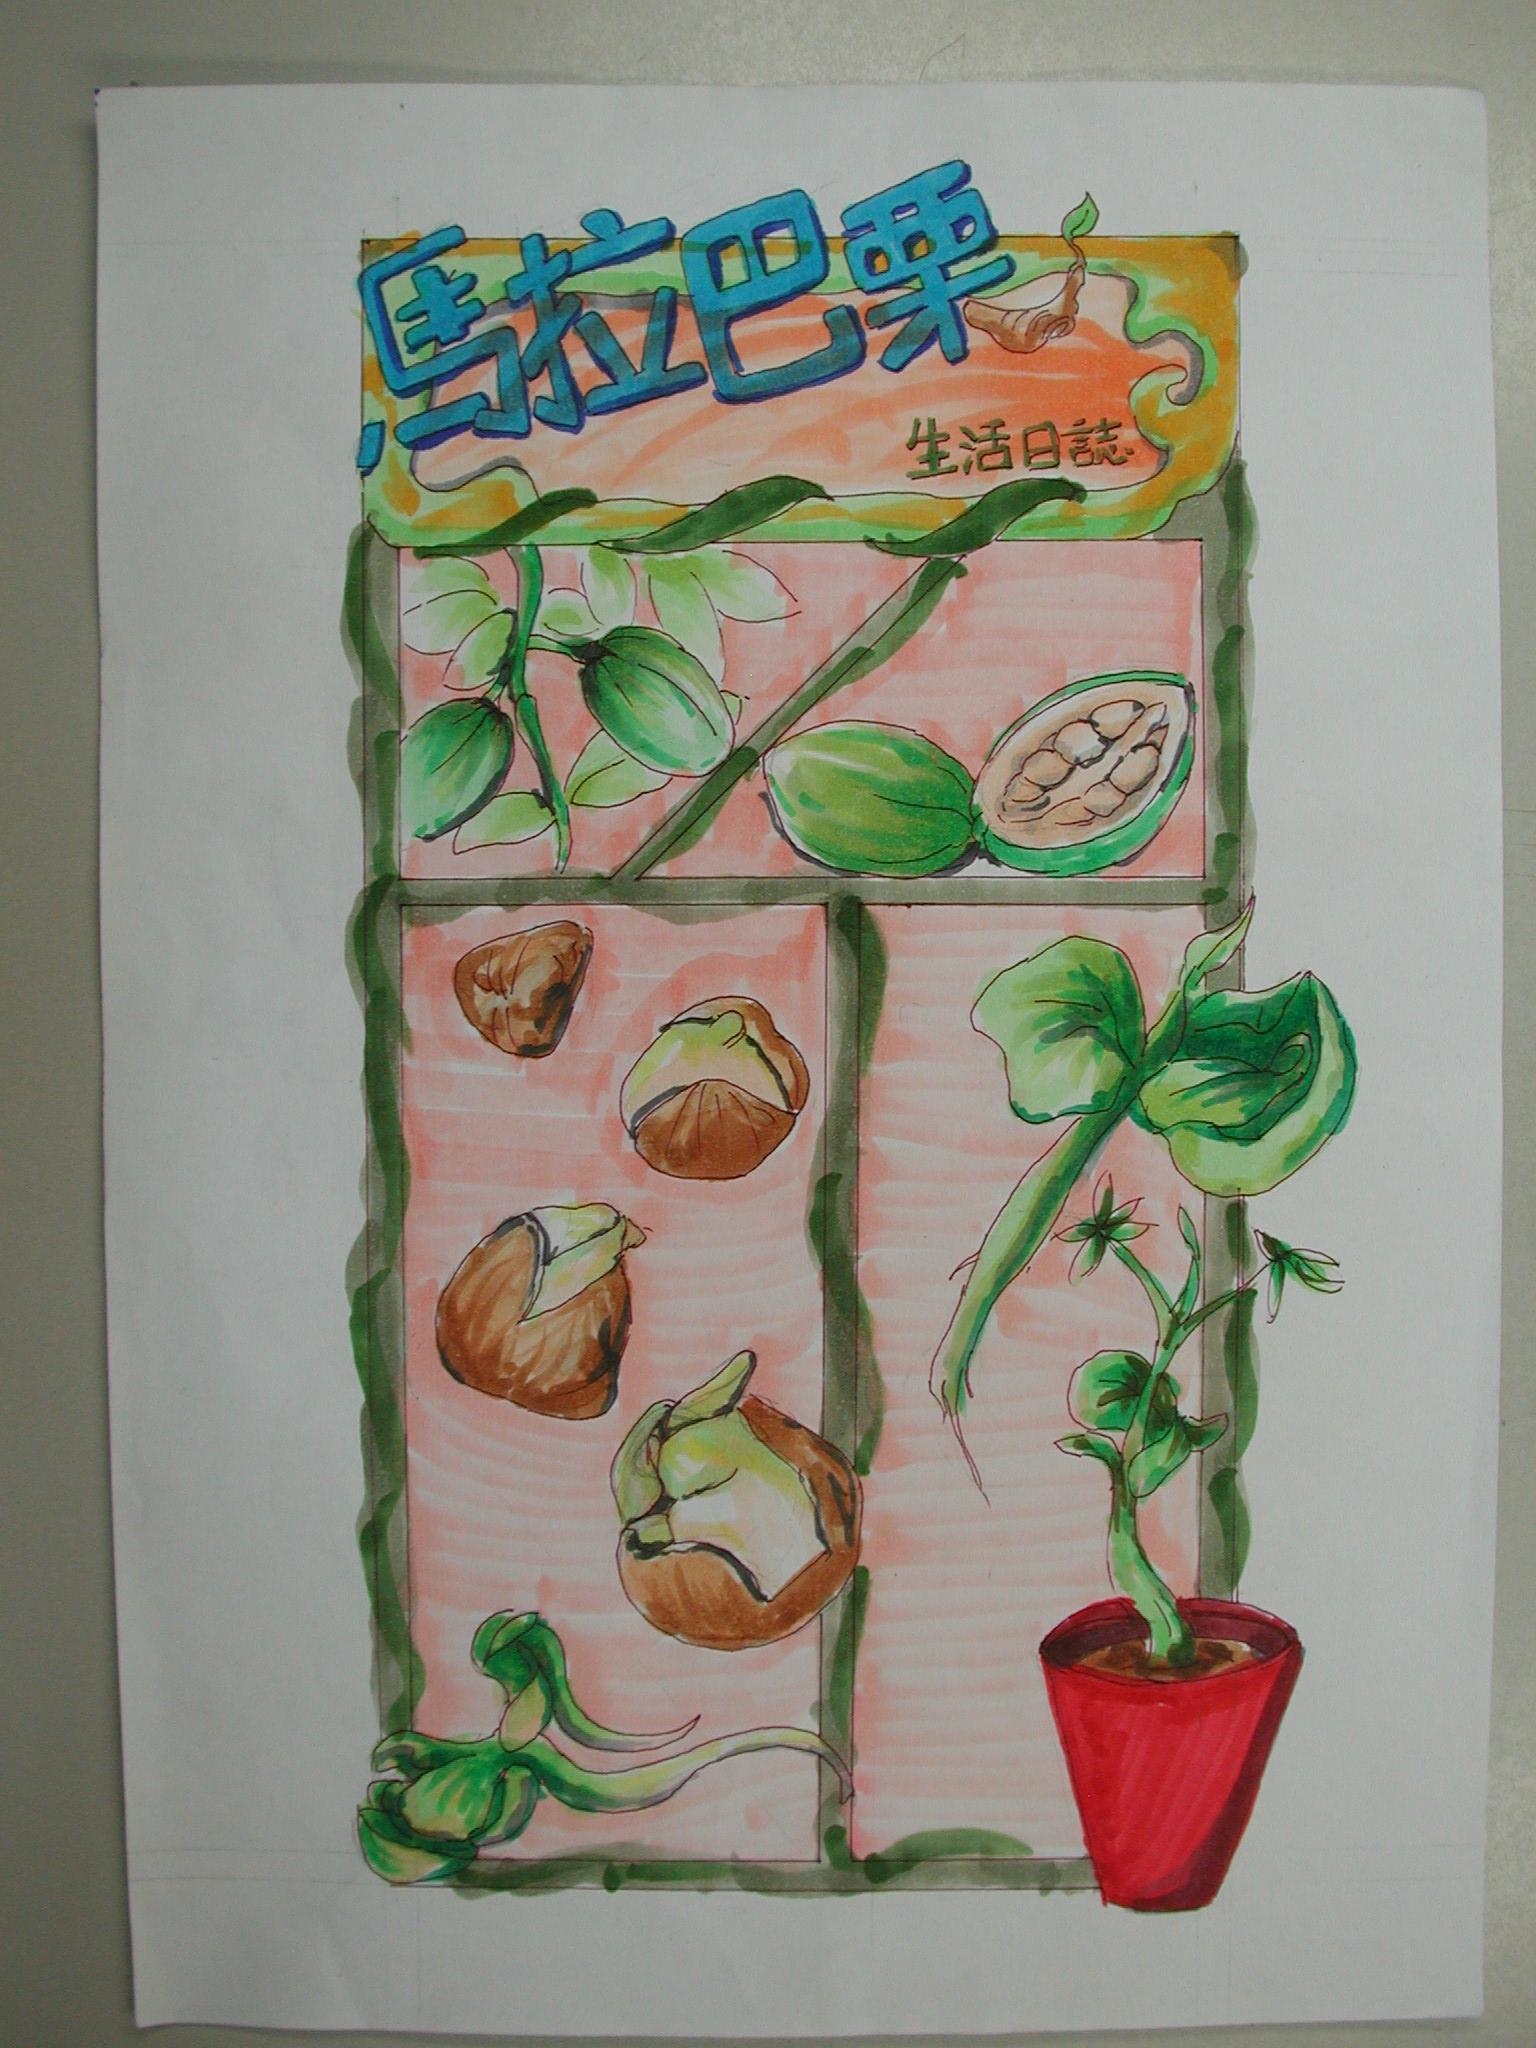 木设一学生手绘植物发芽纪录(2)–从植物中学画